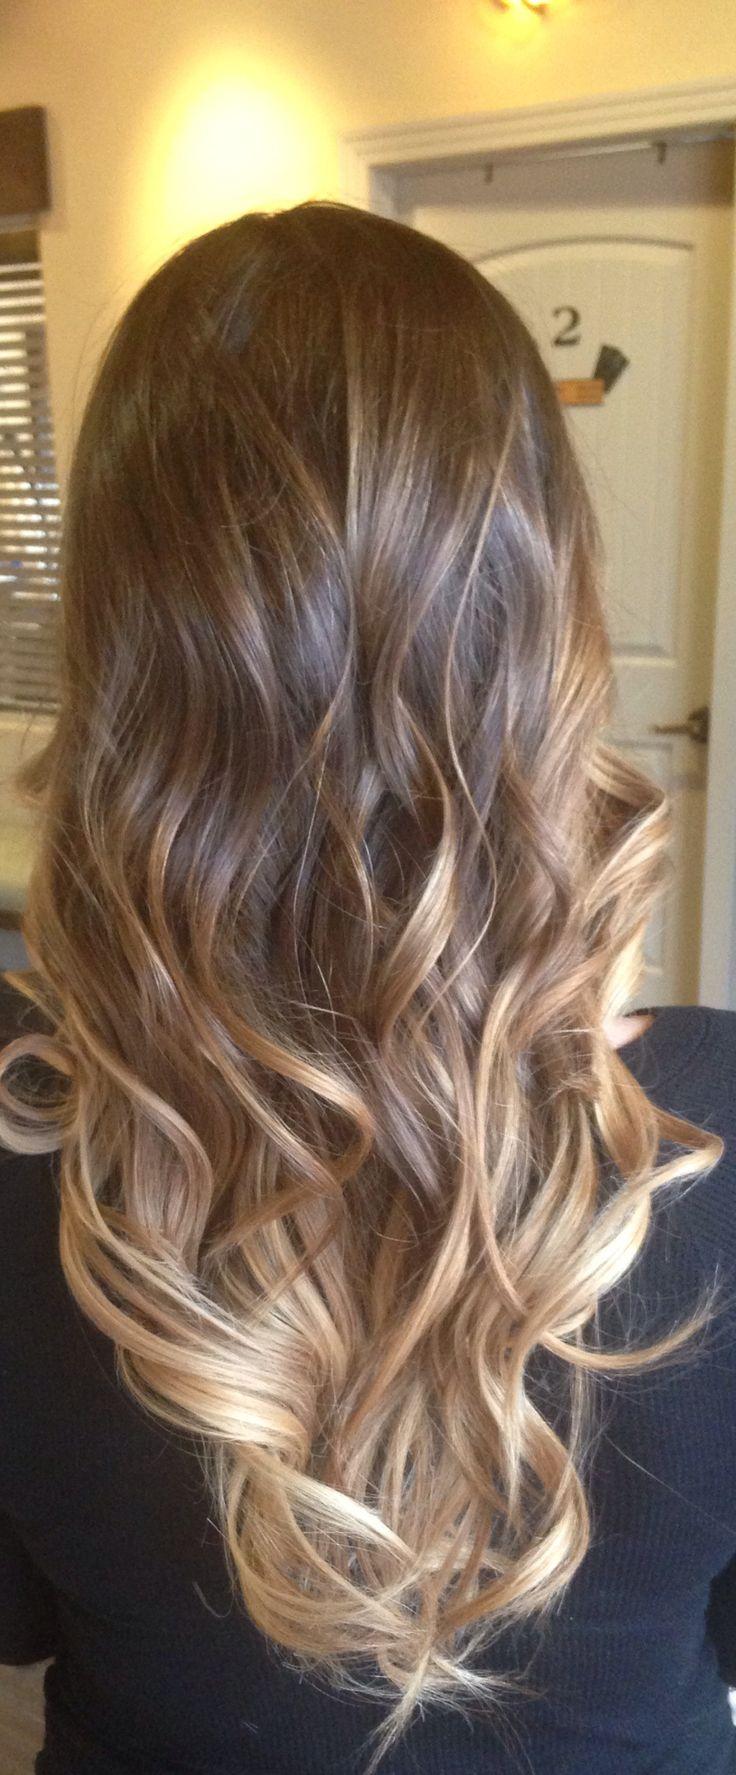 9 nuances pour bien choisir son ombre hair astuces de filles